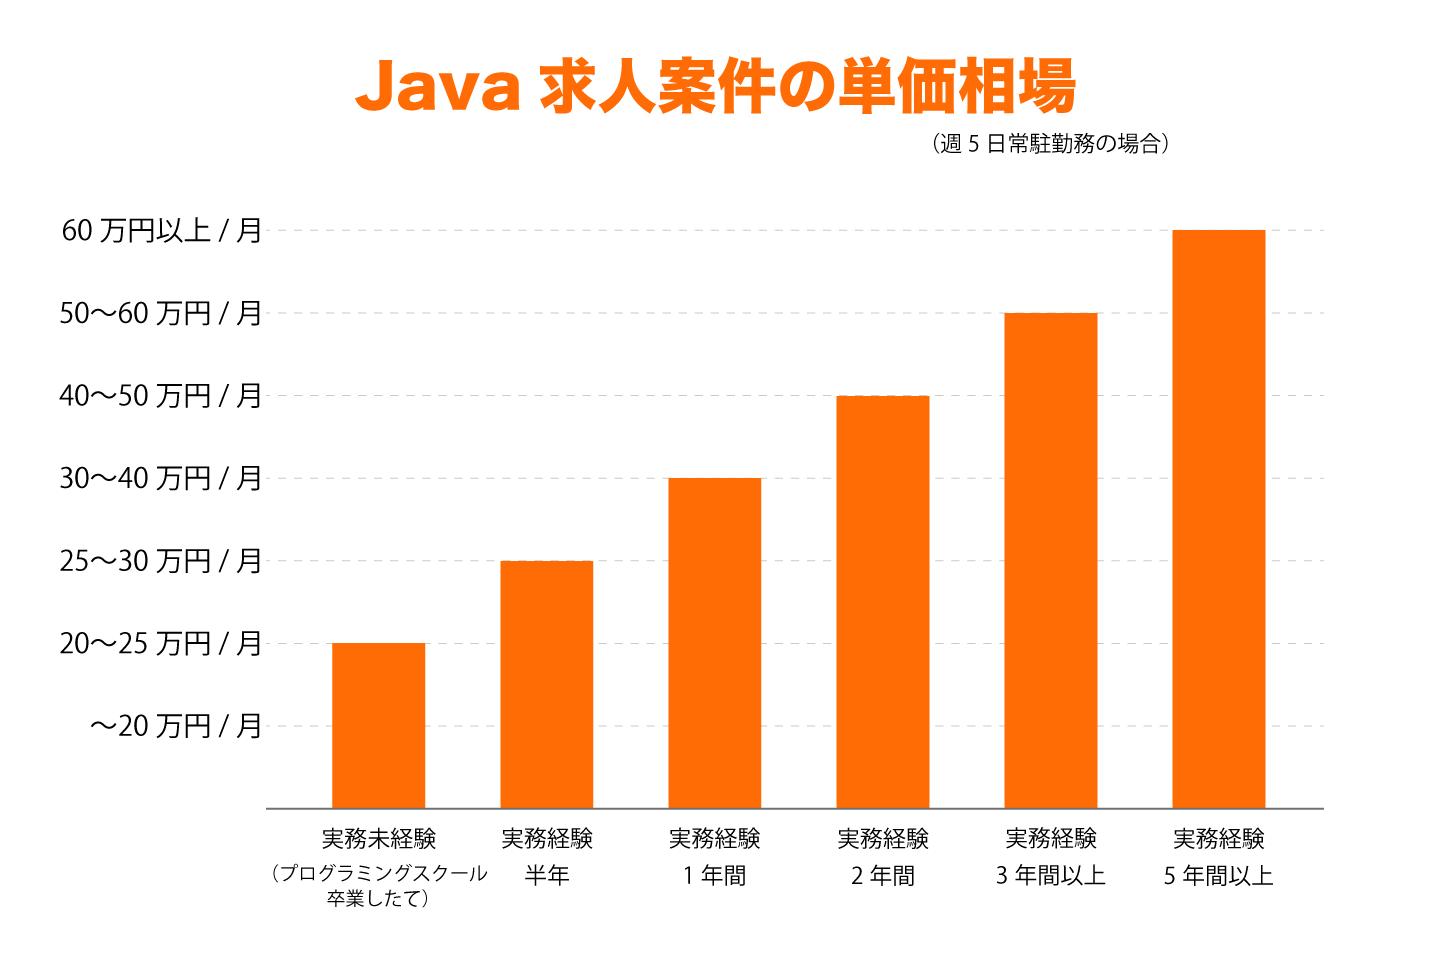 Java y78gar